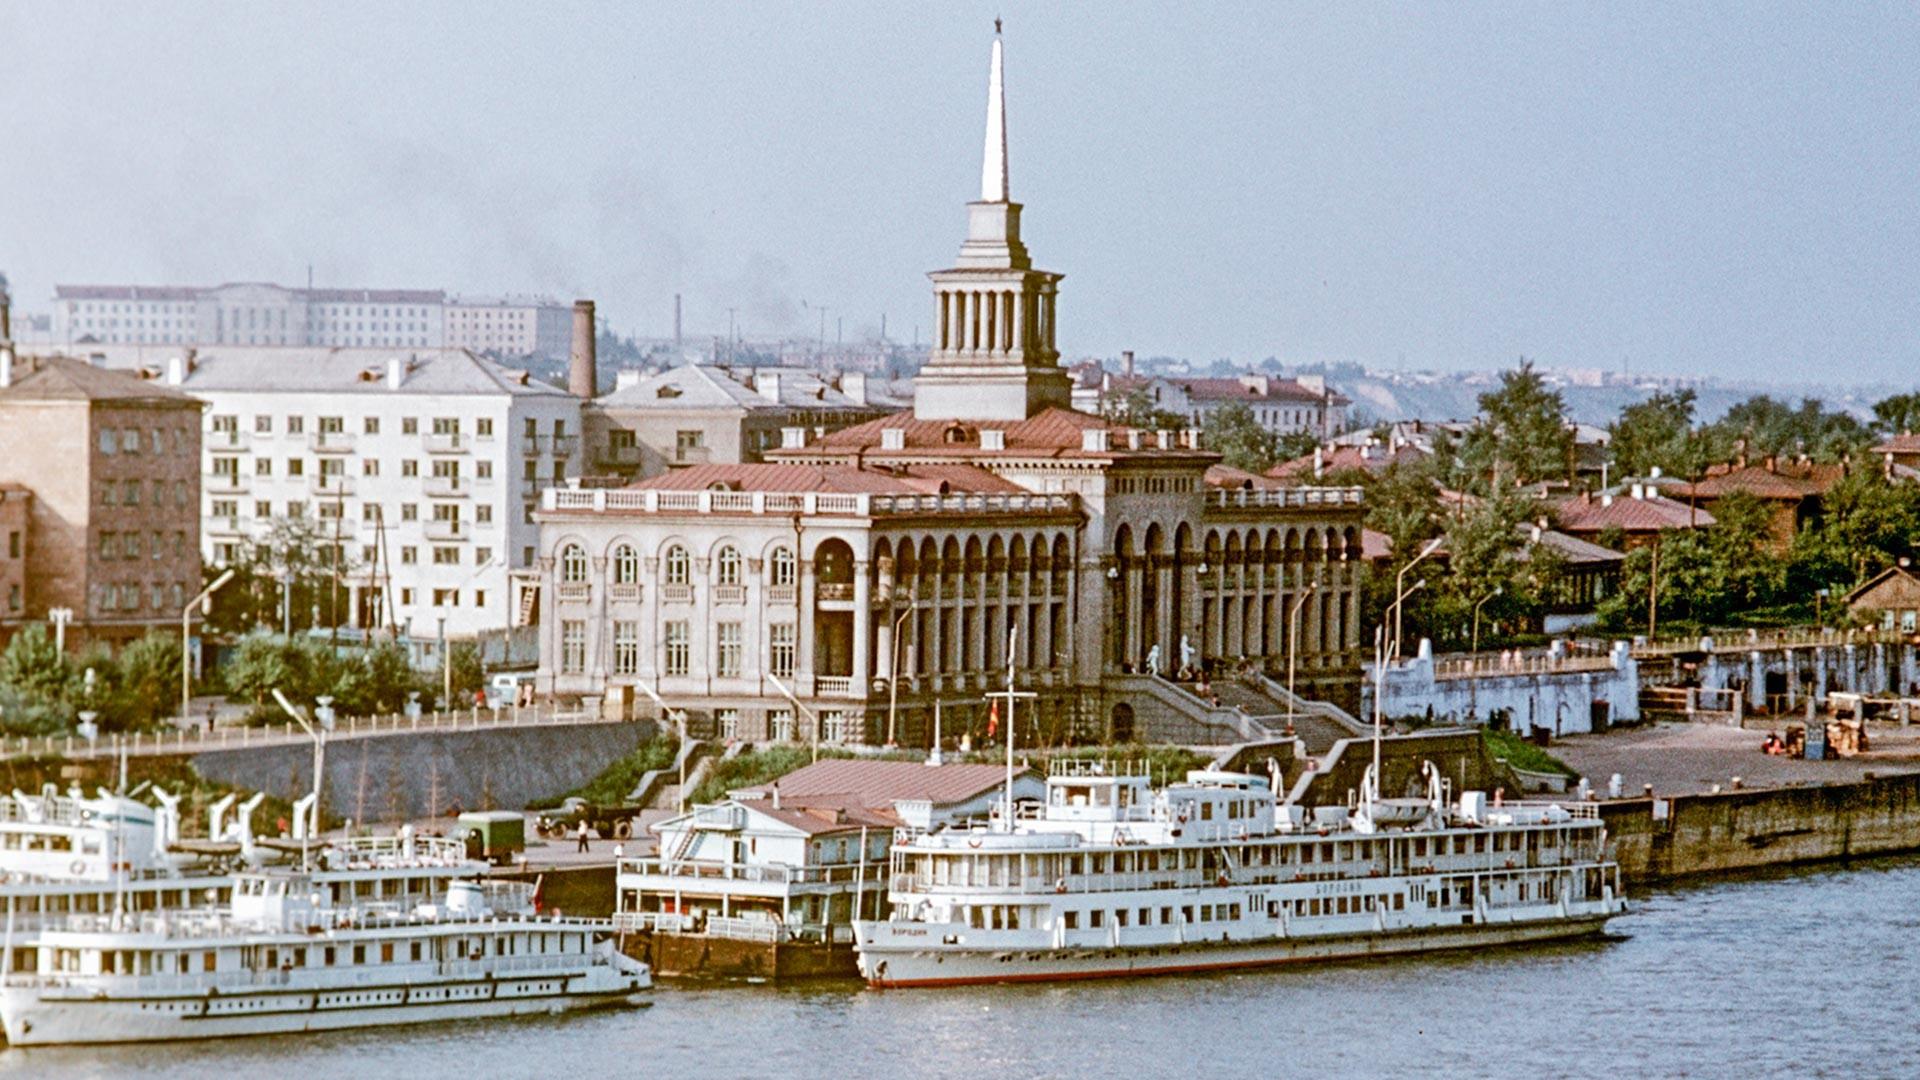 Krasnojarska riječna luka. Zdanje riječnog terminala sagrađeno je 1952. godine po projektu arhitekta Aleksandra Golubjeva.